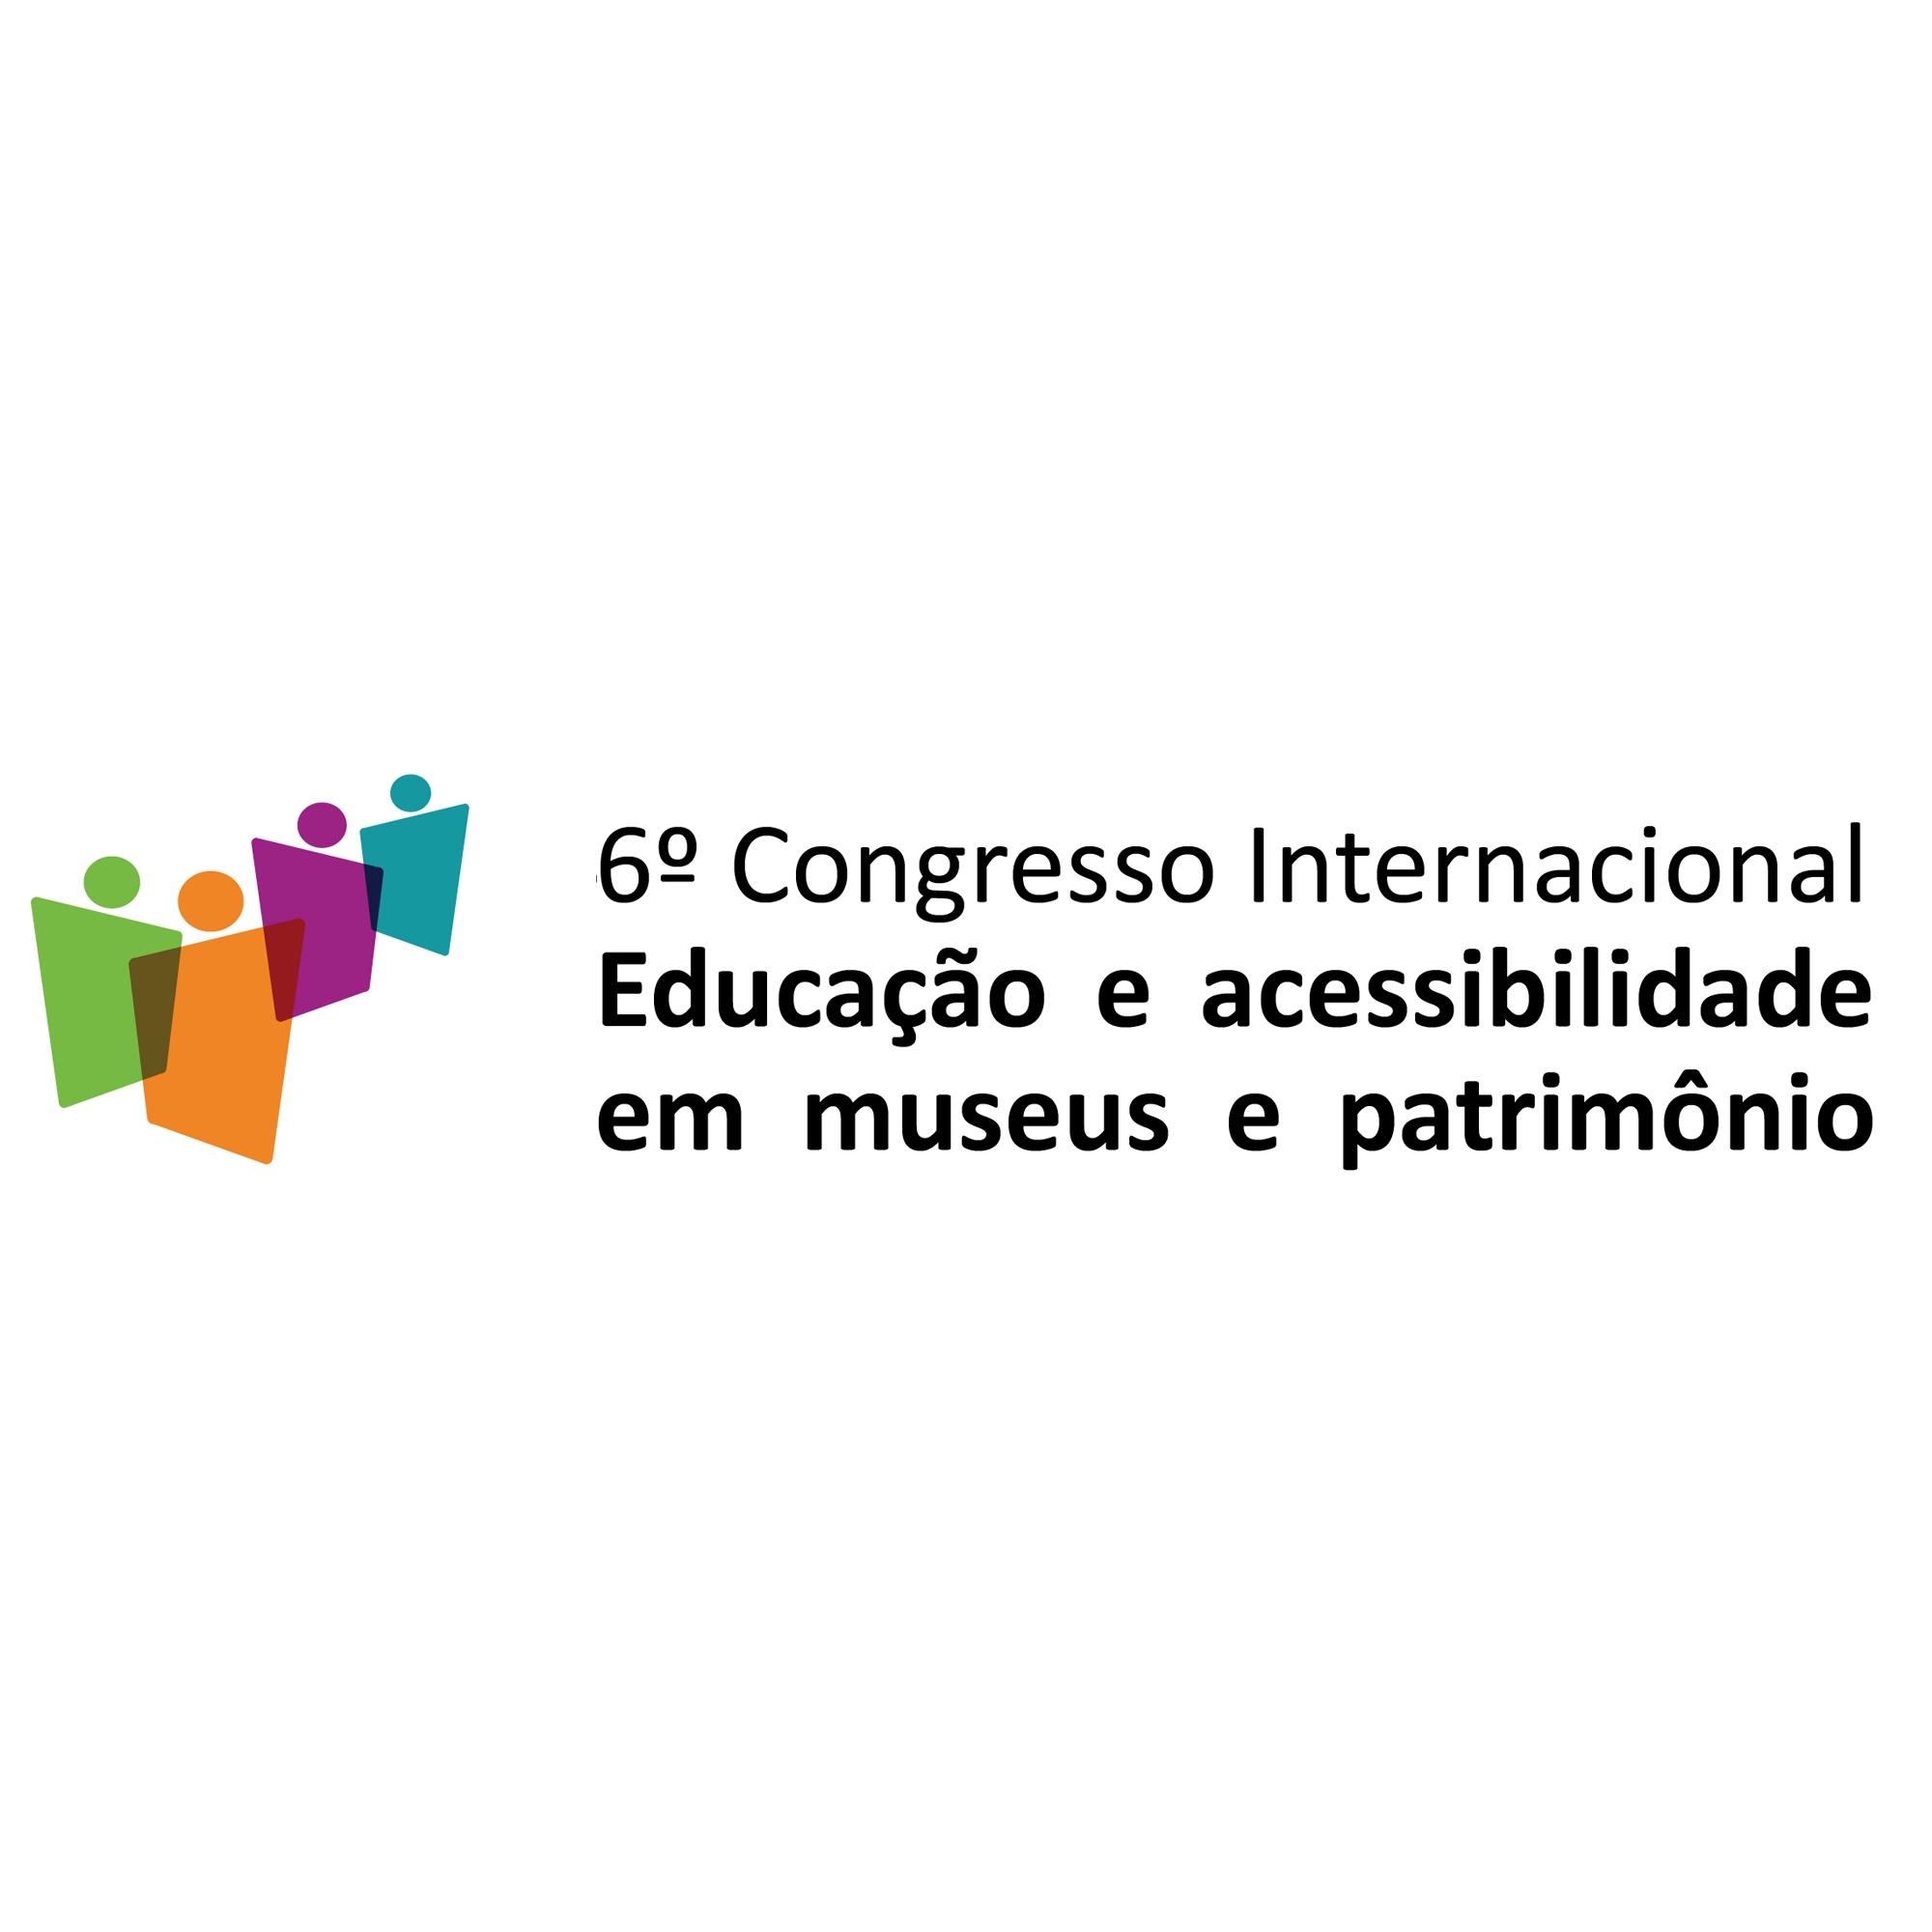 Sobre fundo branco, logomarca do 6º Congresso Internacional de Acessibilidade em Museus e Patrimônio à esquerda e à direita, em letras na cor preta, o nome do evento.